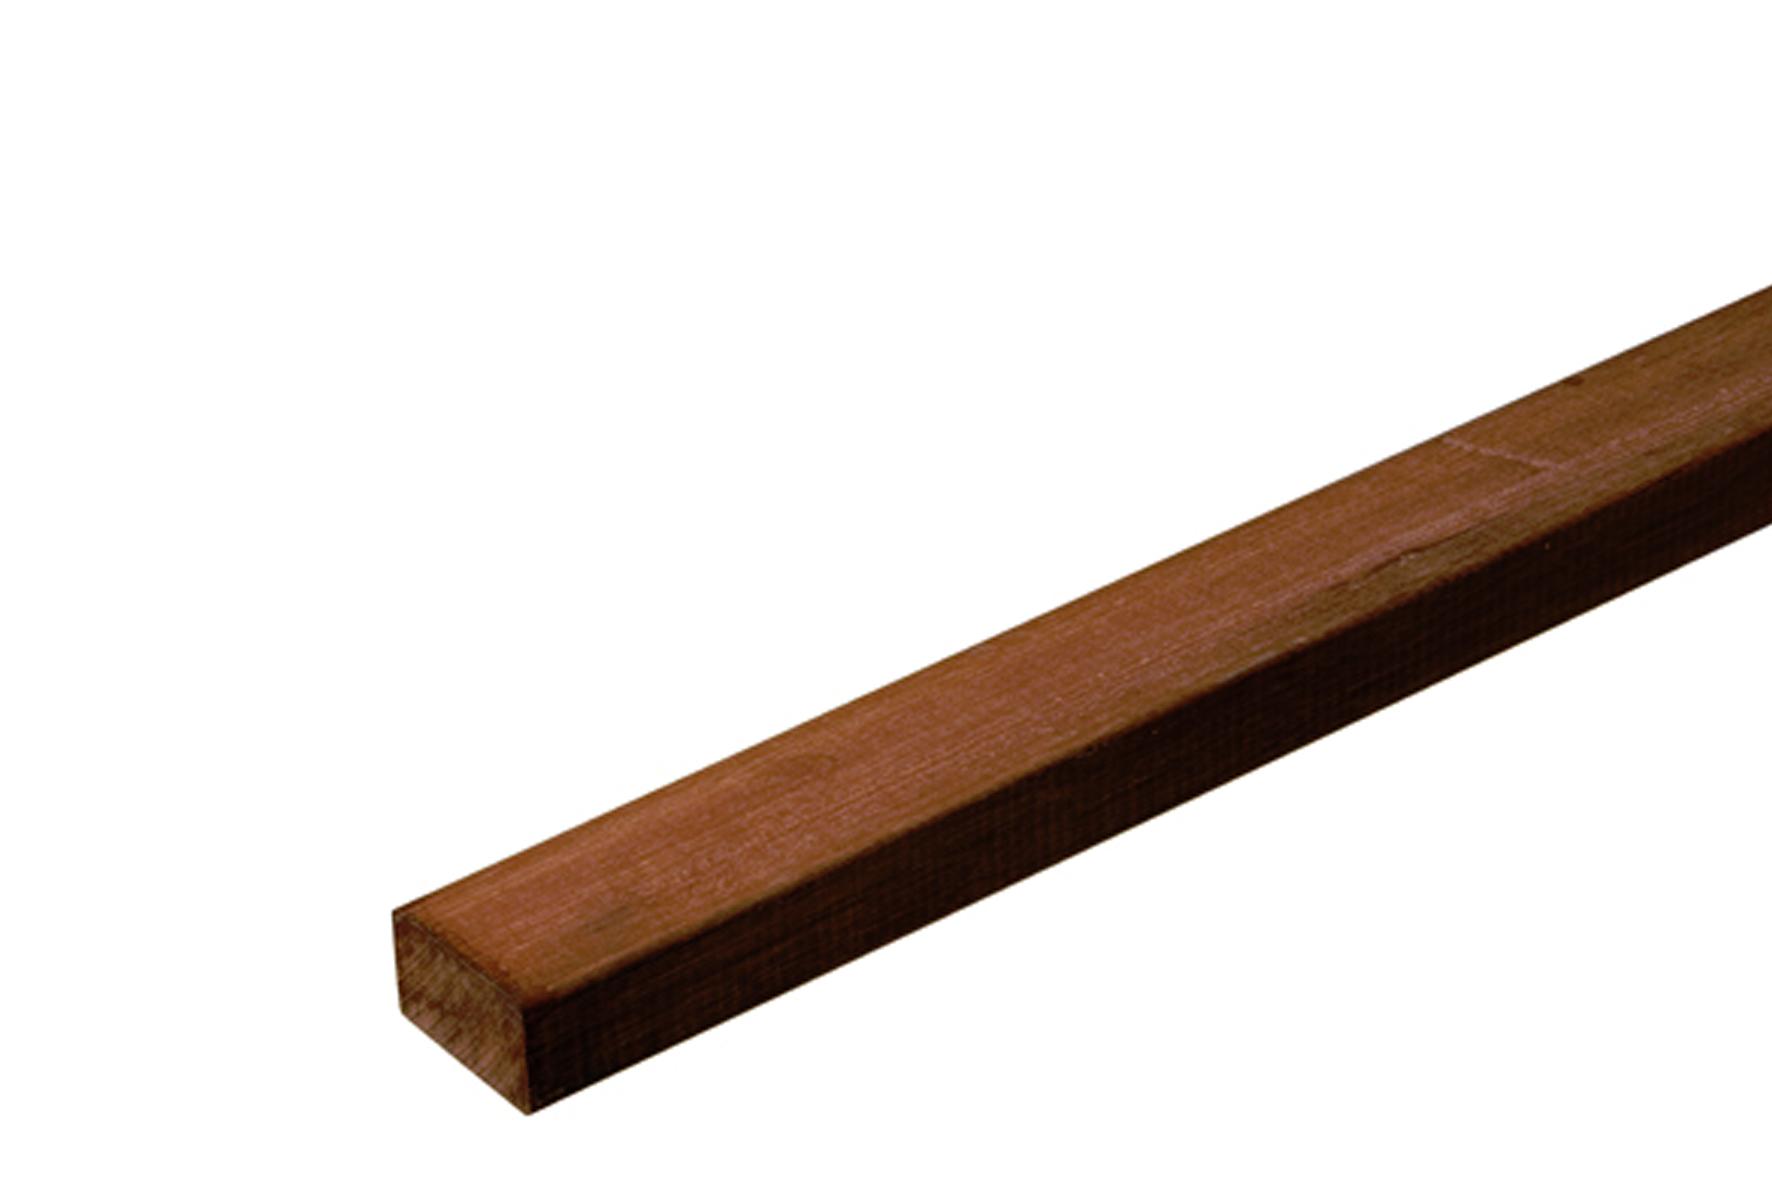 chevron bois exotique achat en ligne ou dans notre magasin. Black Bedroom Furniture Sets. Home Design Ideas